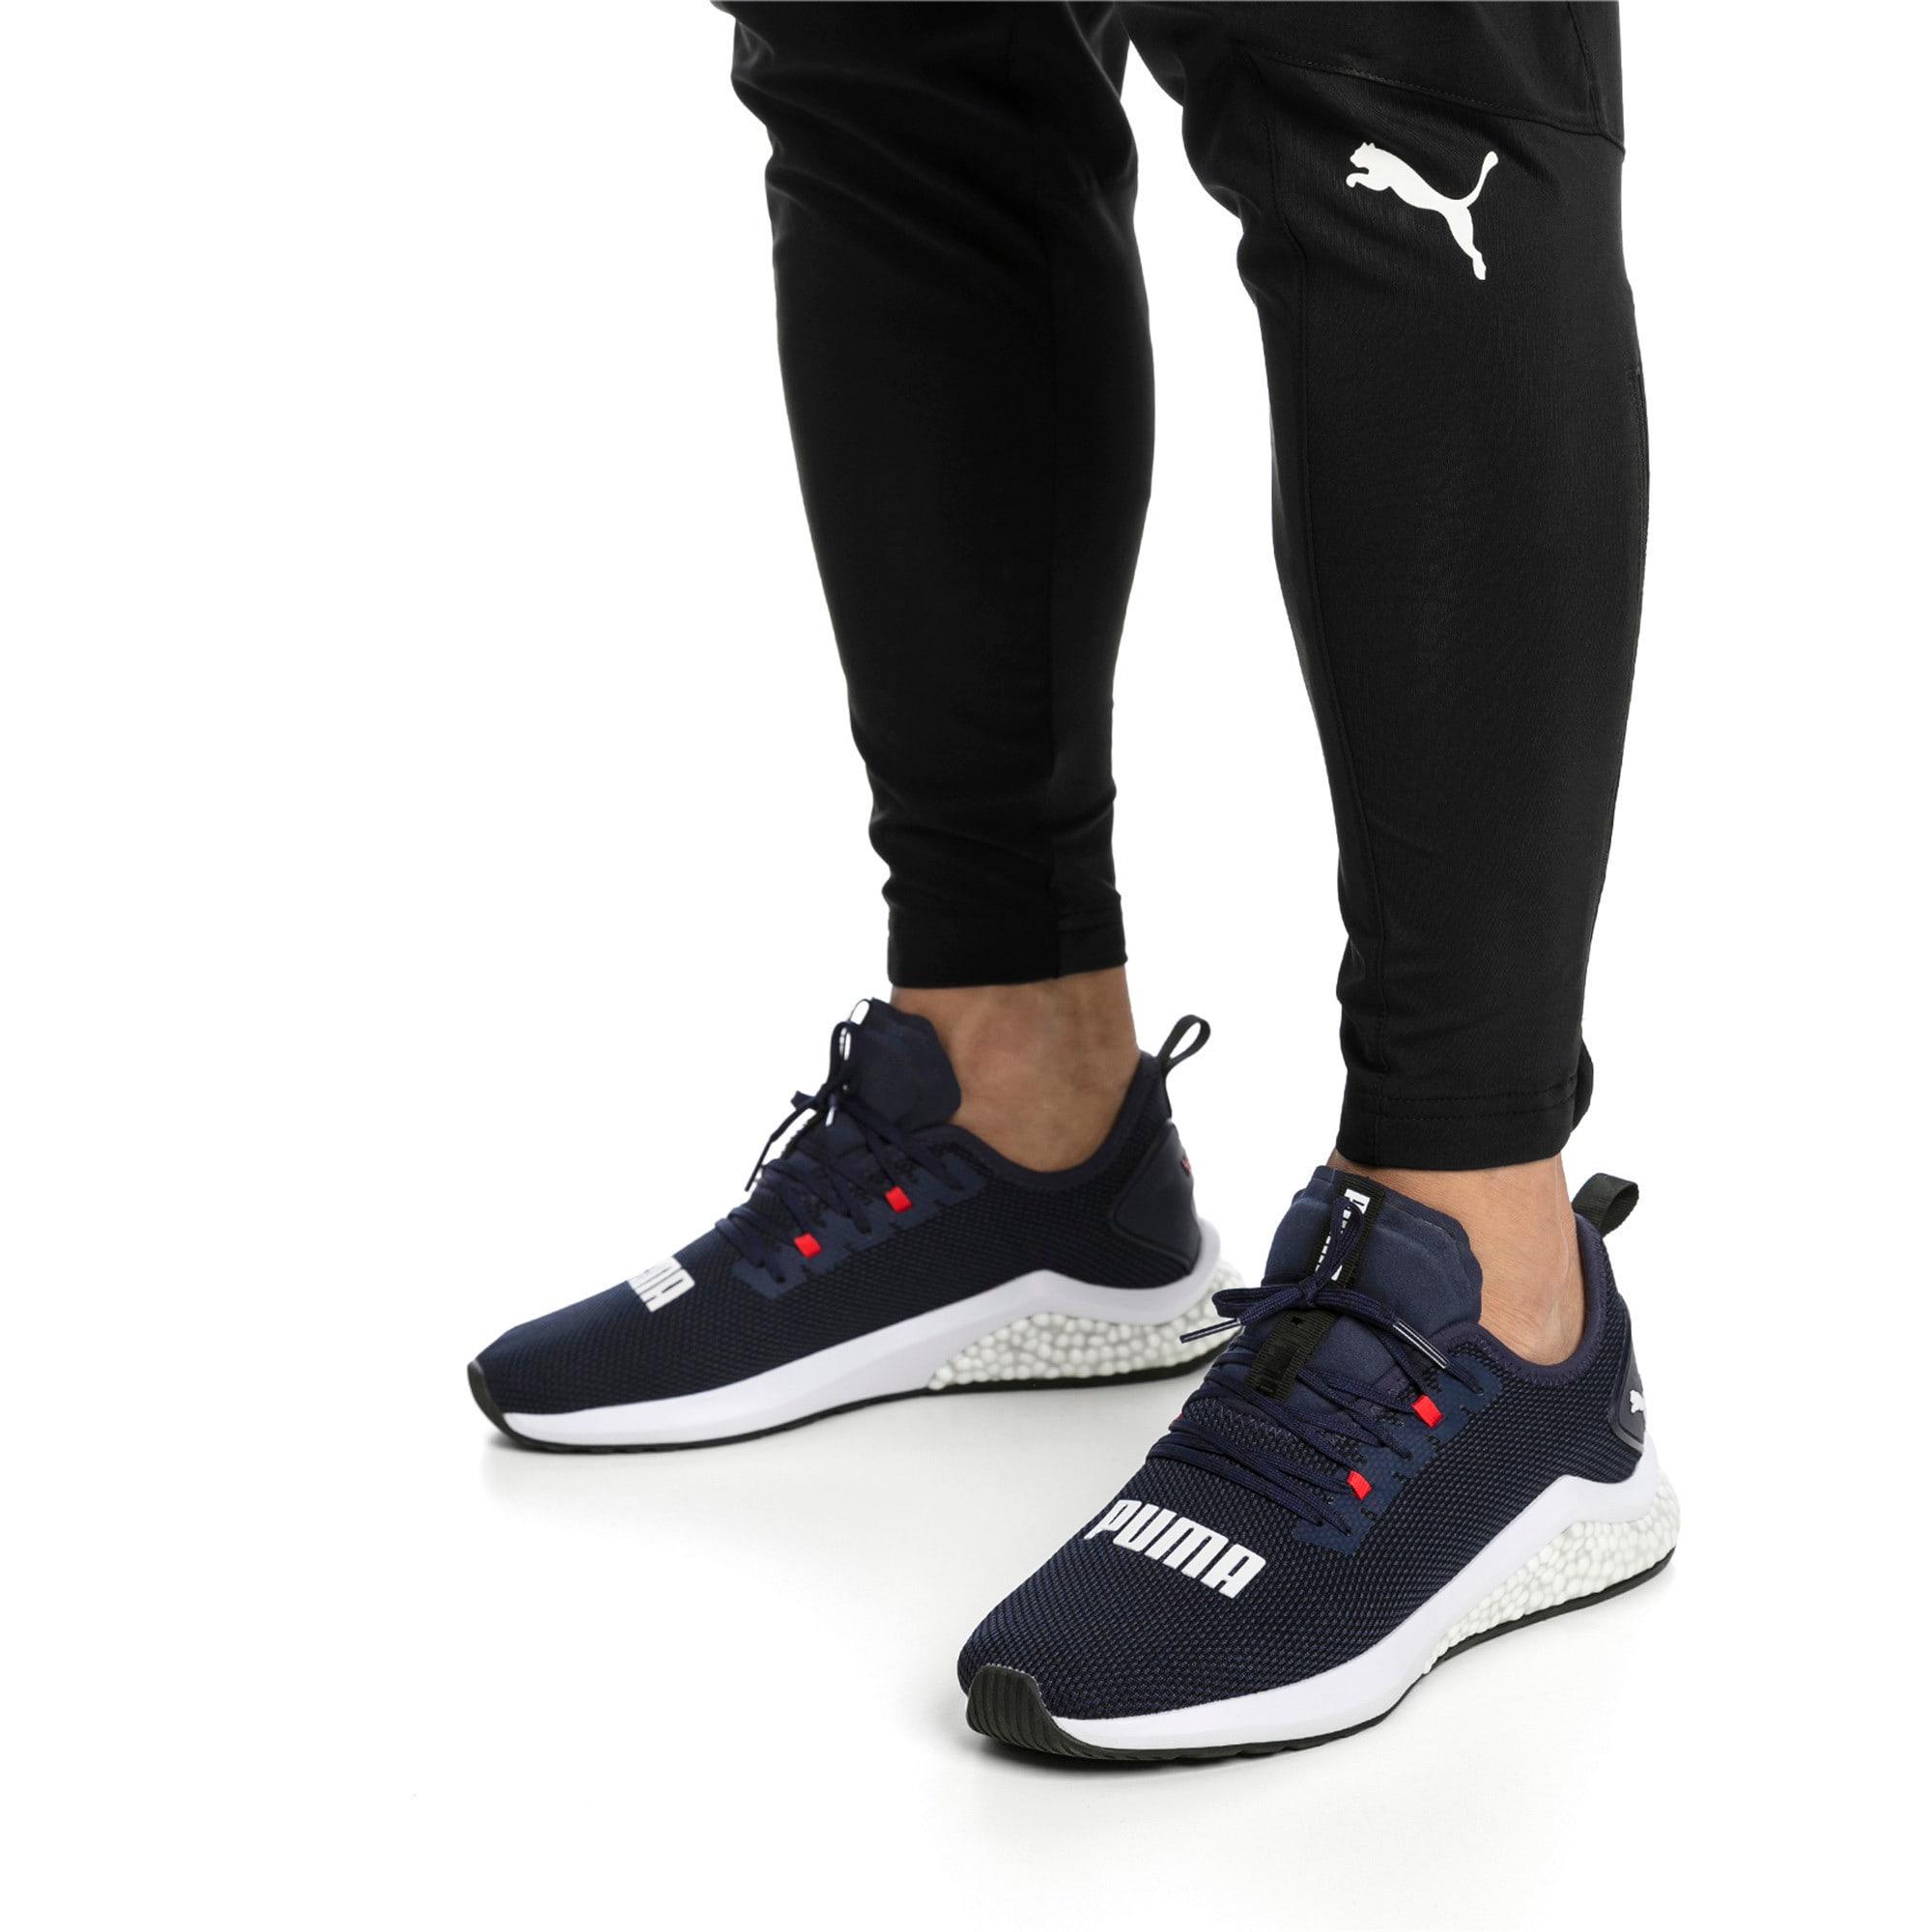 Thumbnail 2 of HYBRID NX Men's Running Shoes, Peacoat-High Risk Red-White, medium